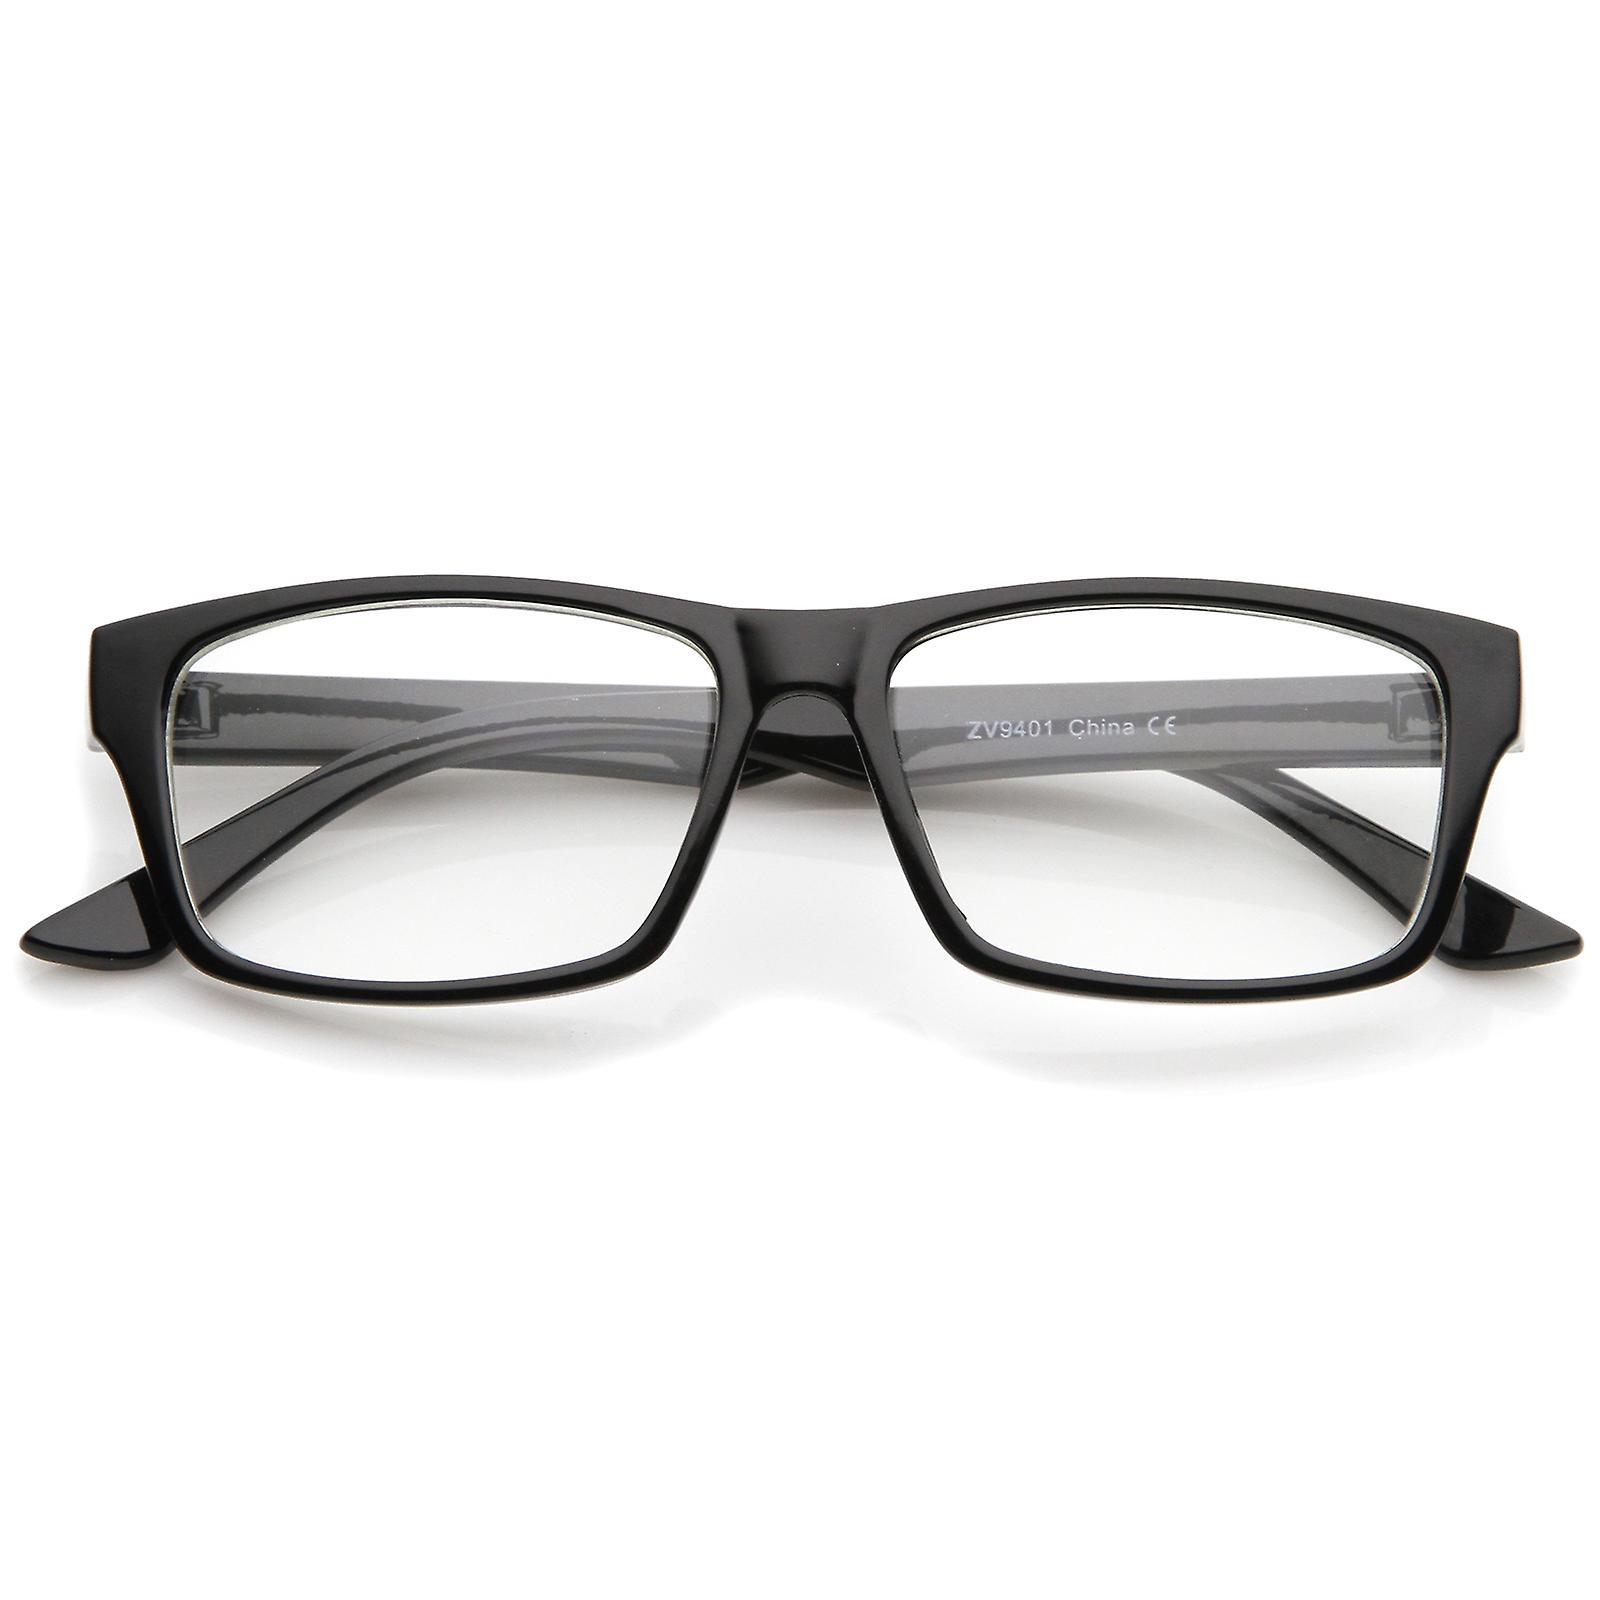 Moderna Horn kantad rektangel glasögon klar lins 52mm  d6cb9230de505